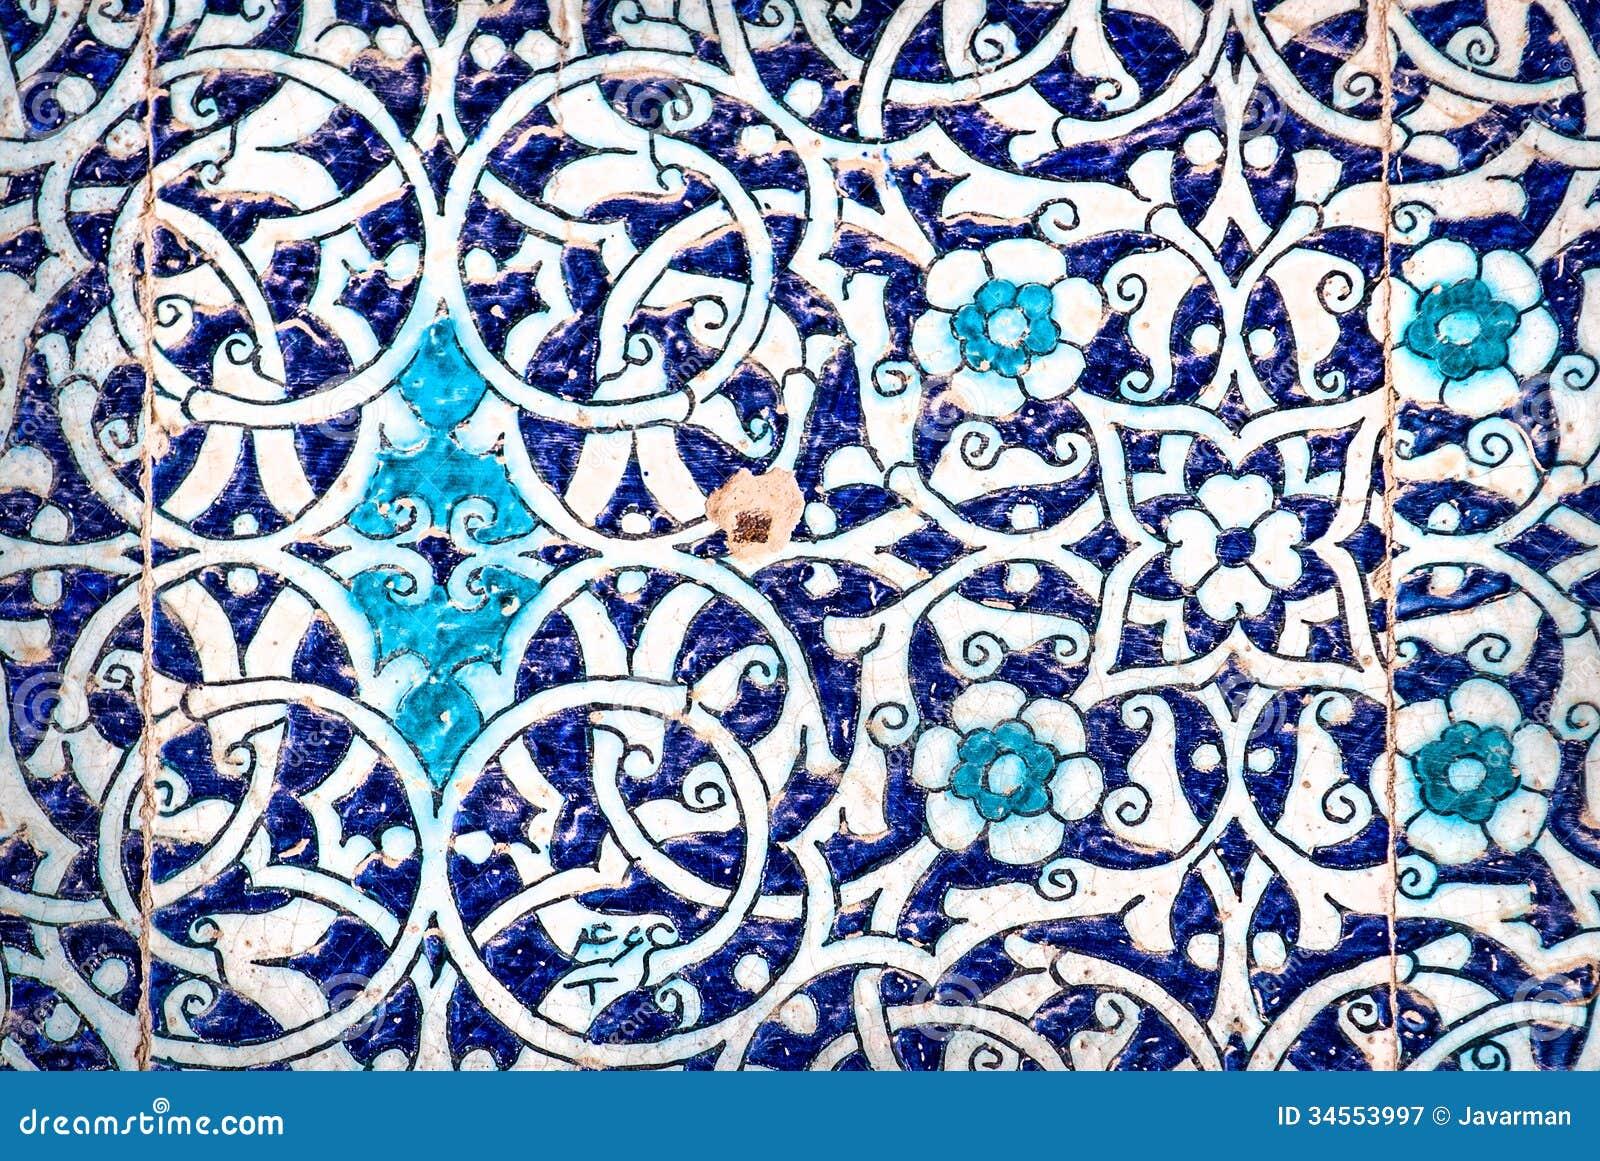 Betegelde achtergrond met oosterse ornamenten stock illustratie afbeelding 34553997 - Oosterse tegels ...